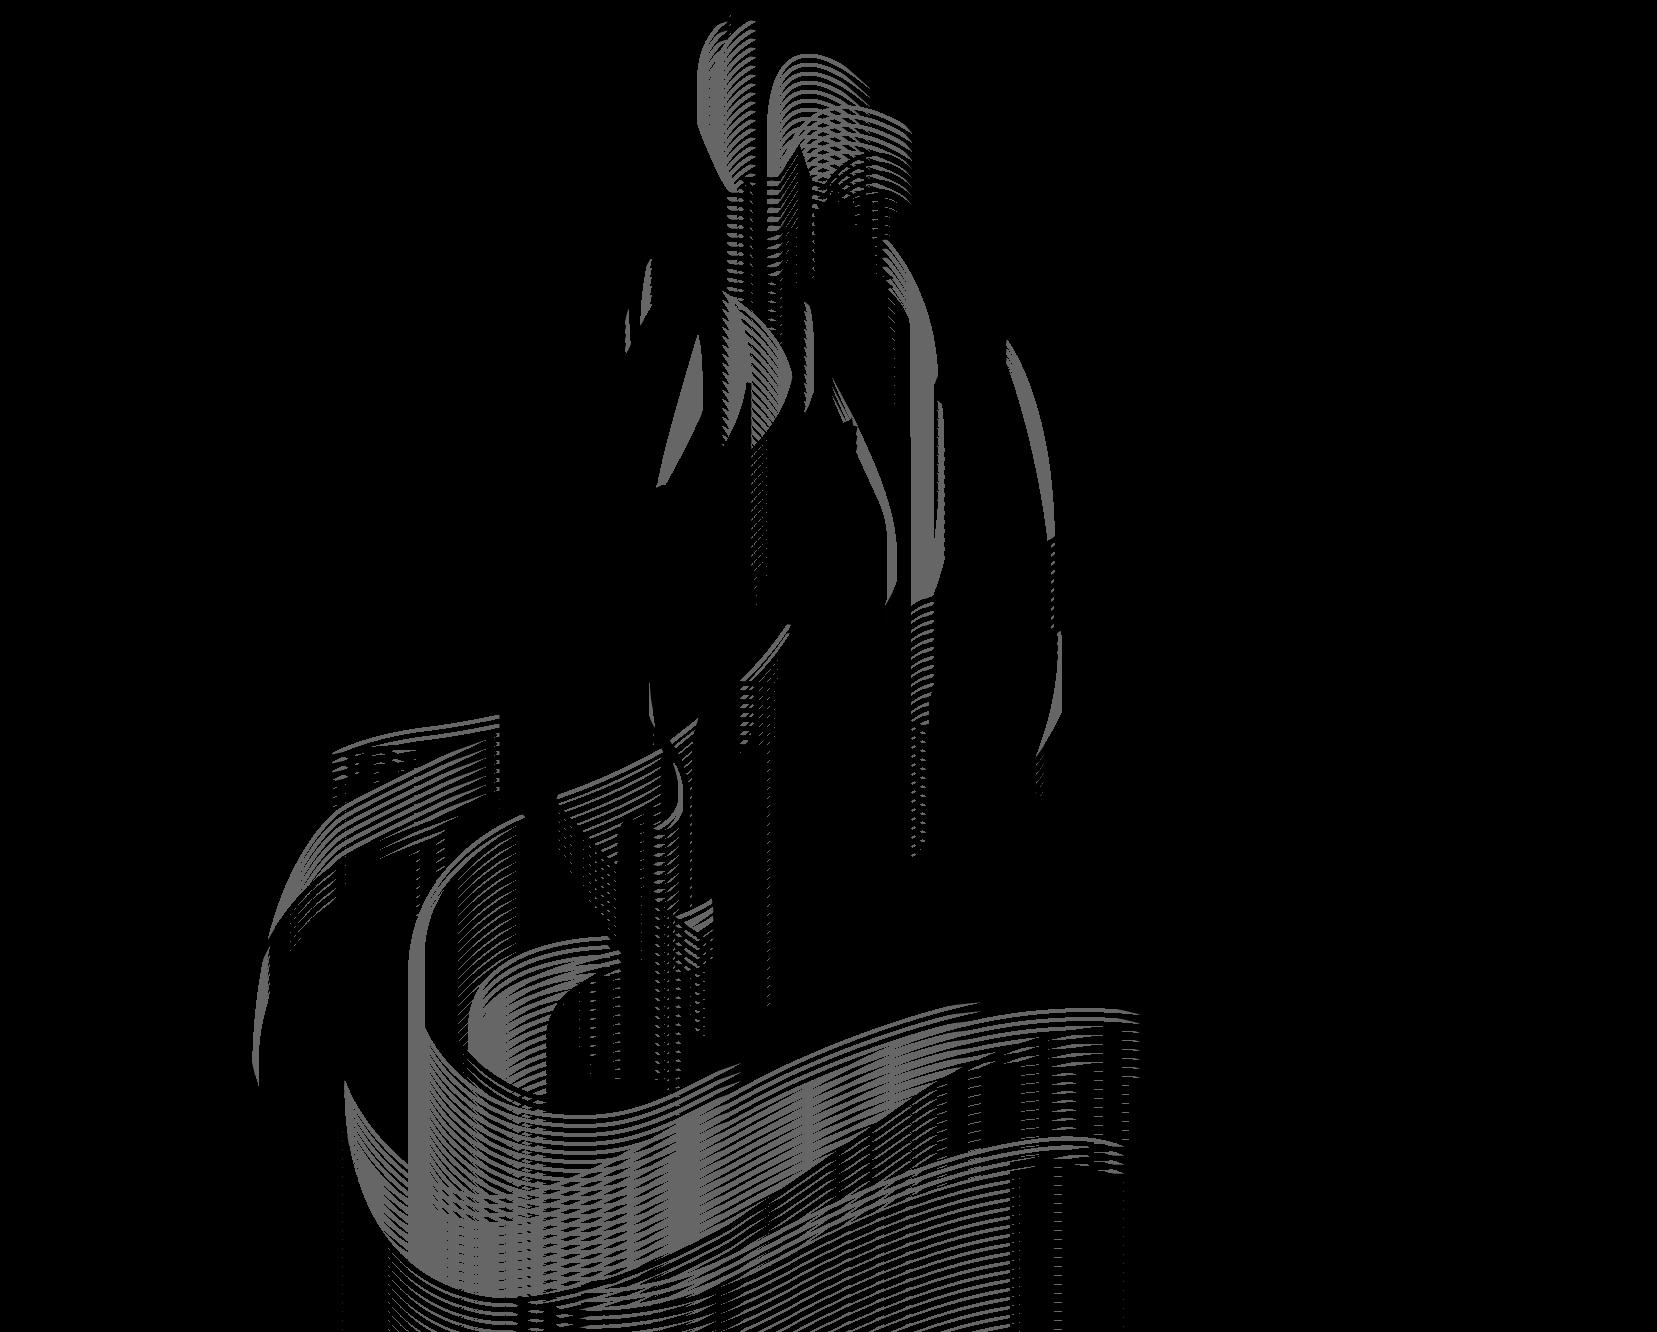 Раскраски картинки винкс сиреникс